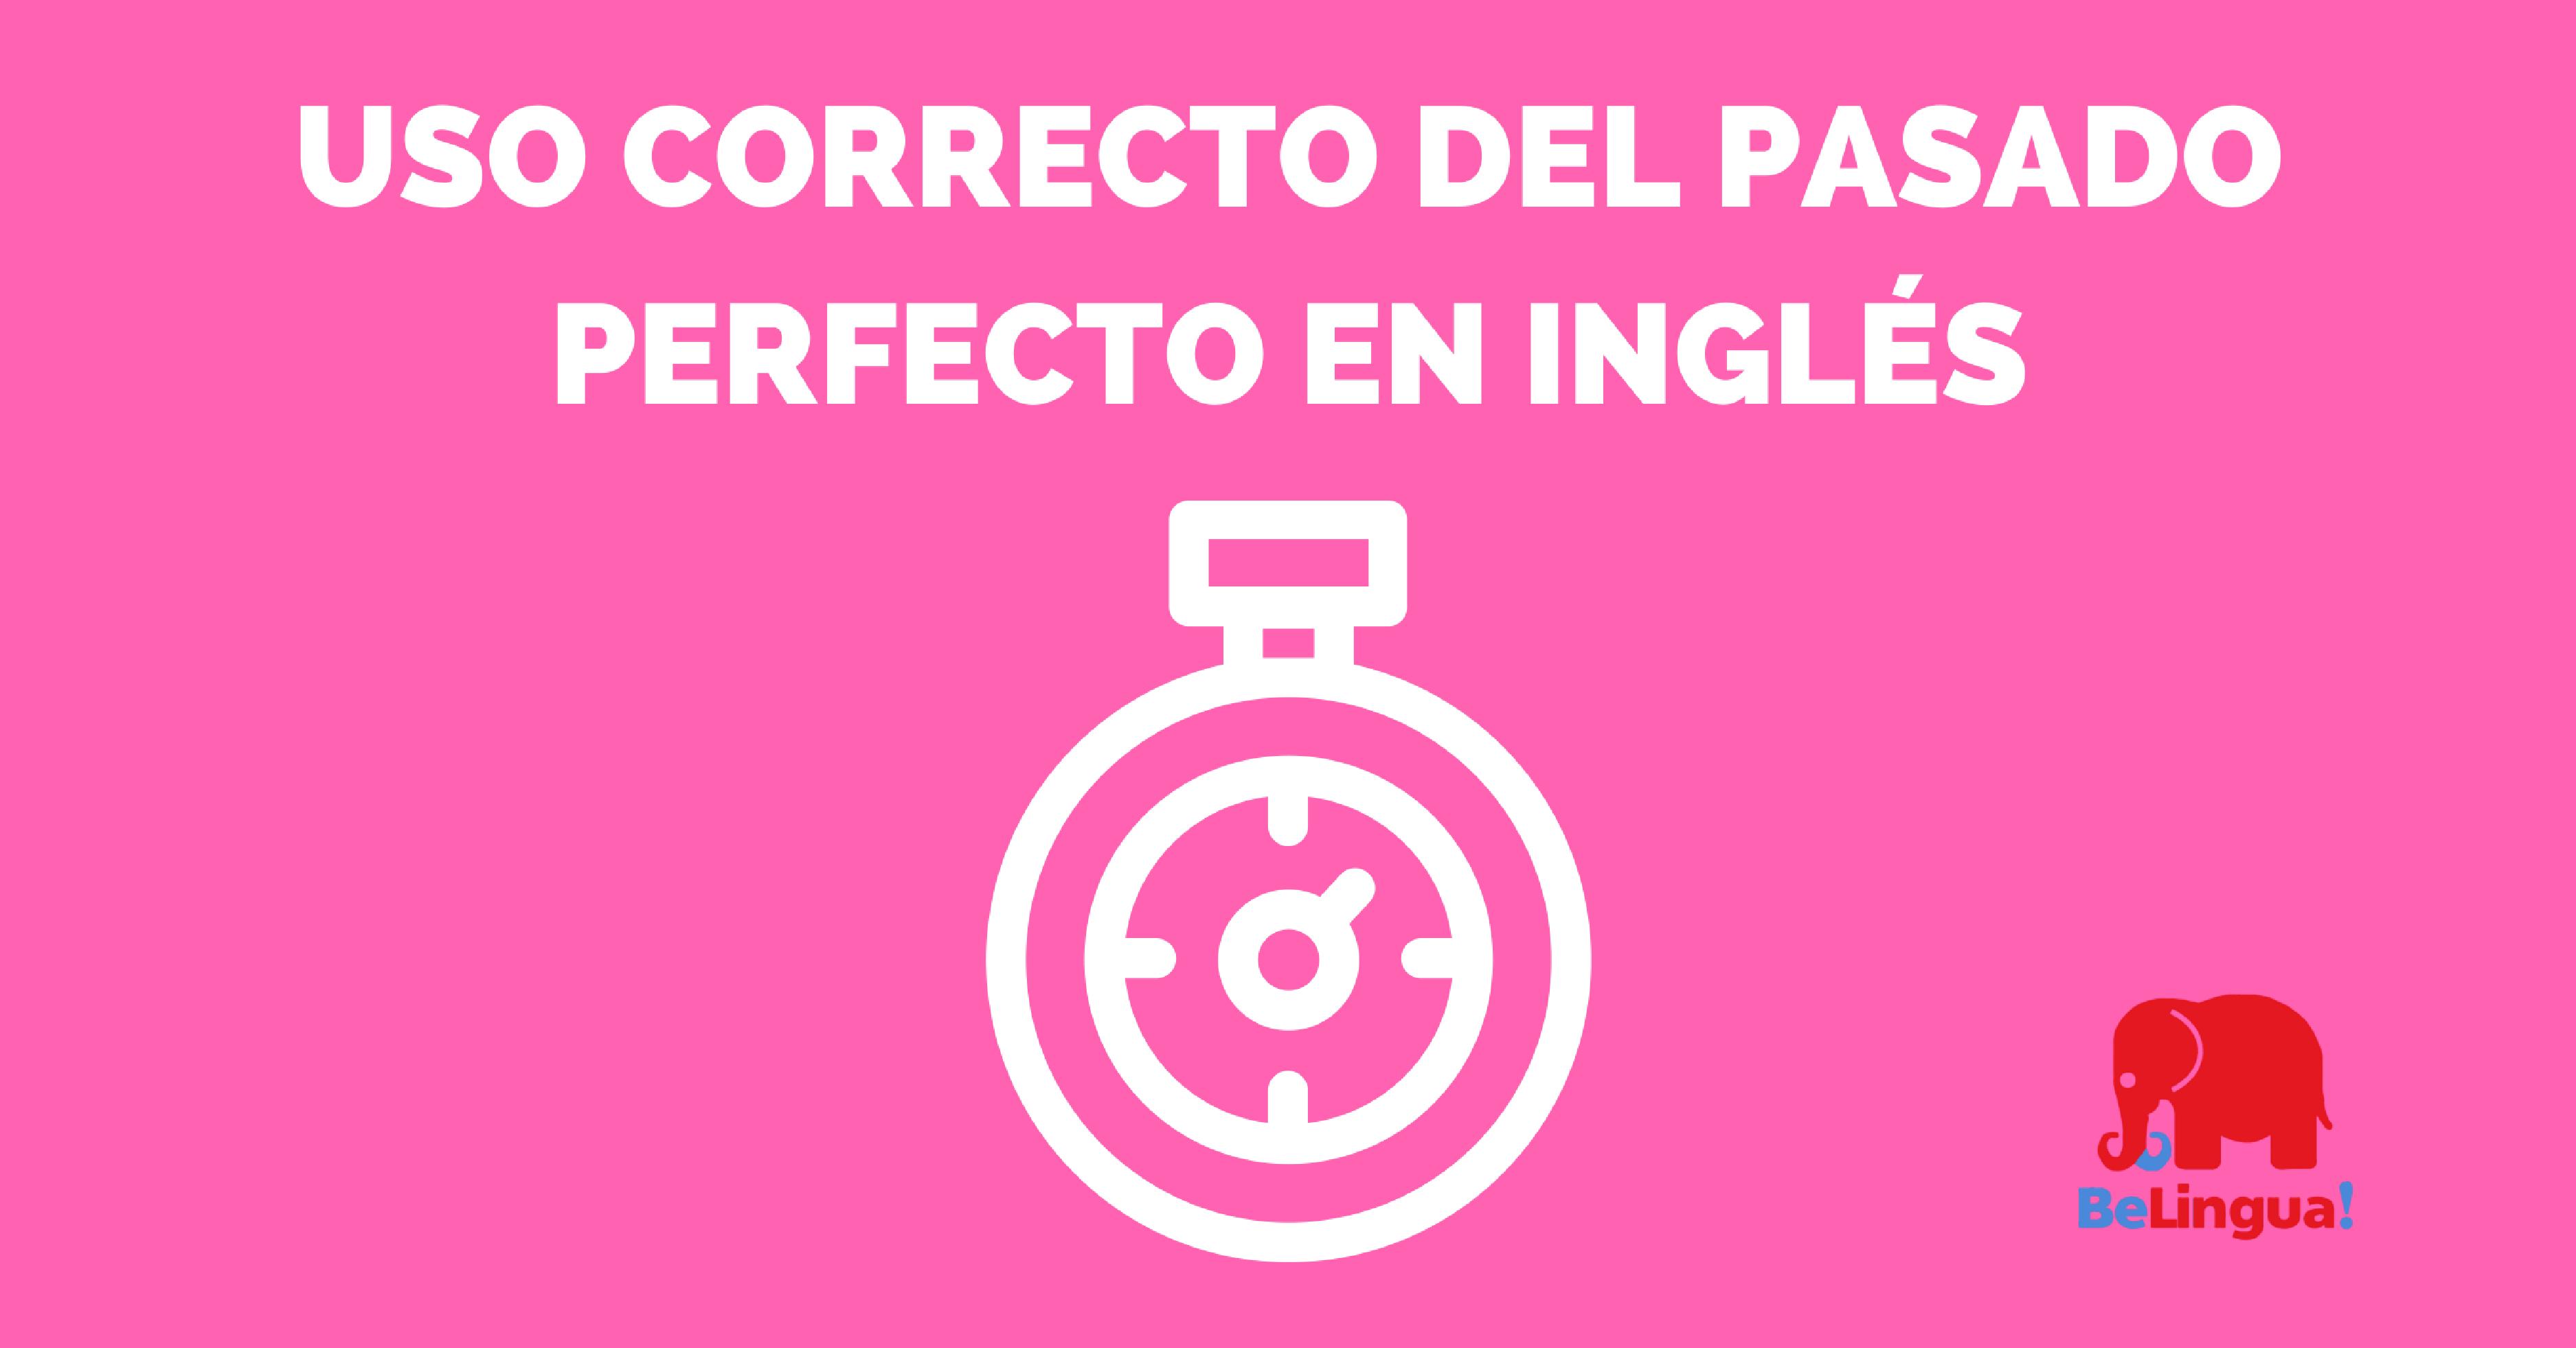 Uso correcto del pasado perfecto en inglés